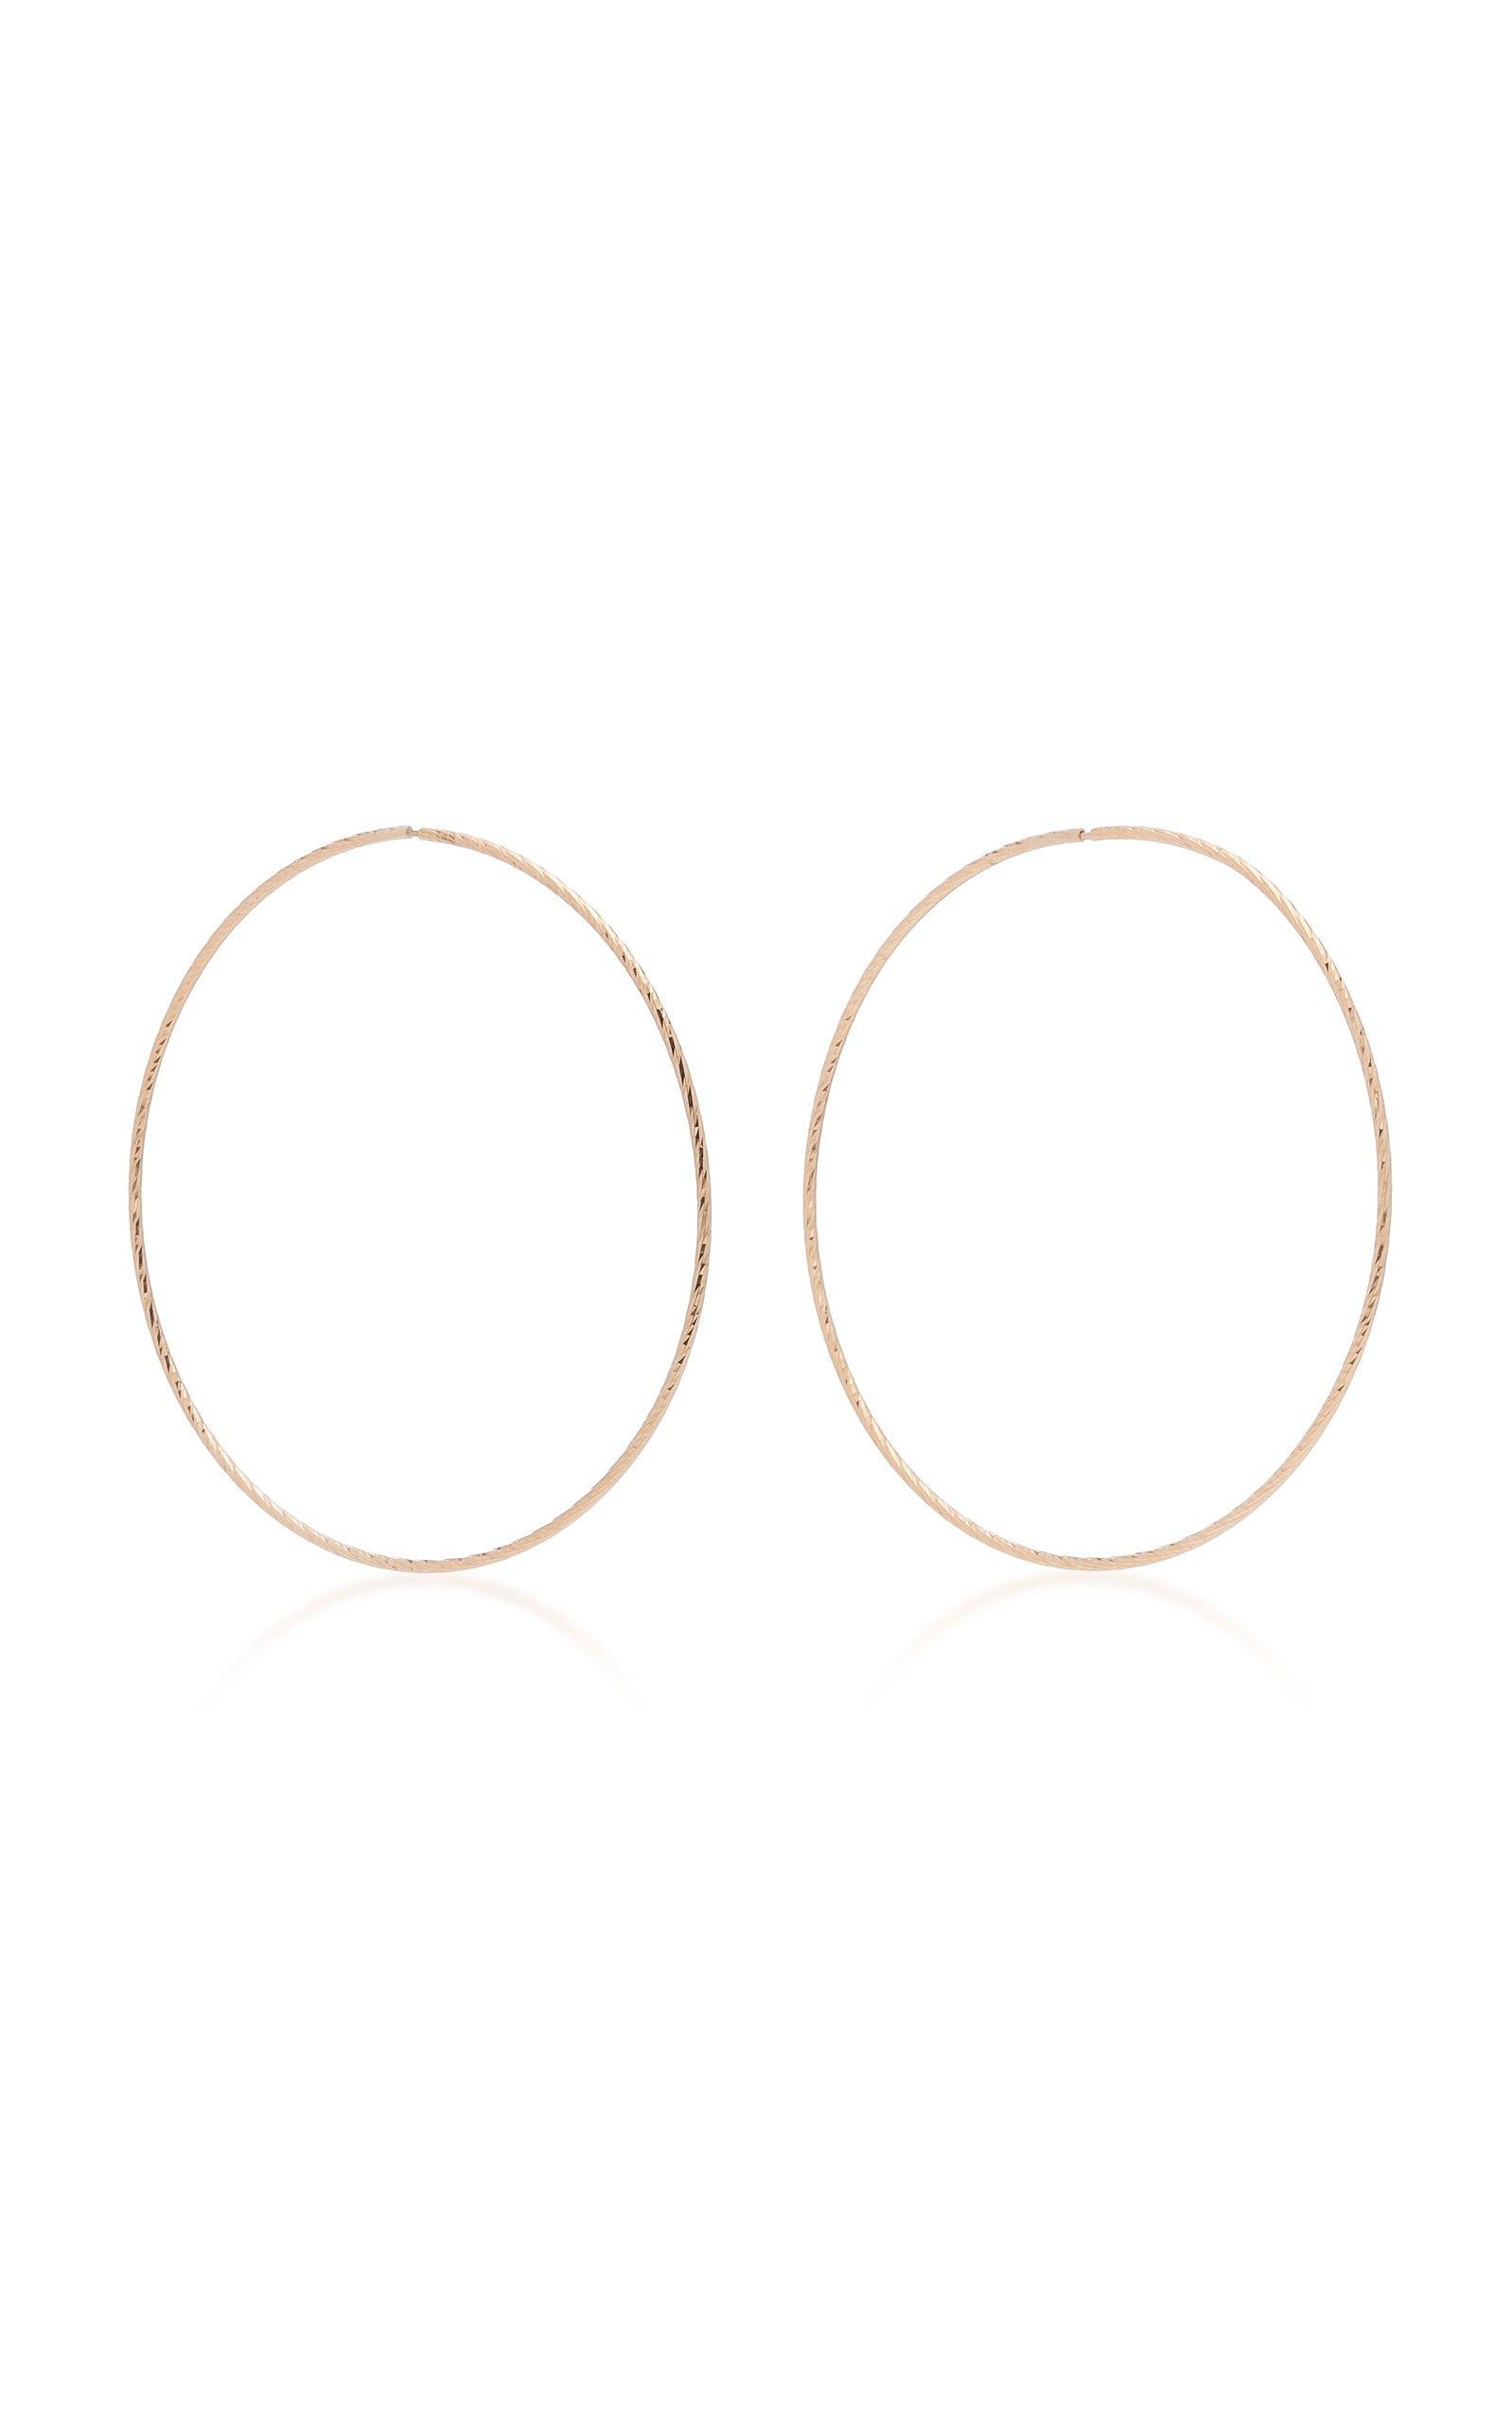 Maria Black Liv 14K Gold Hoop Earrings